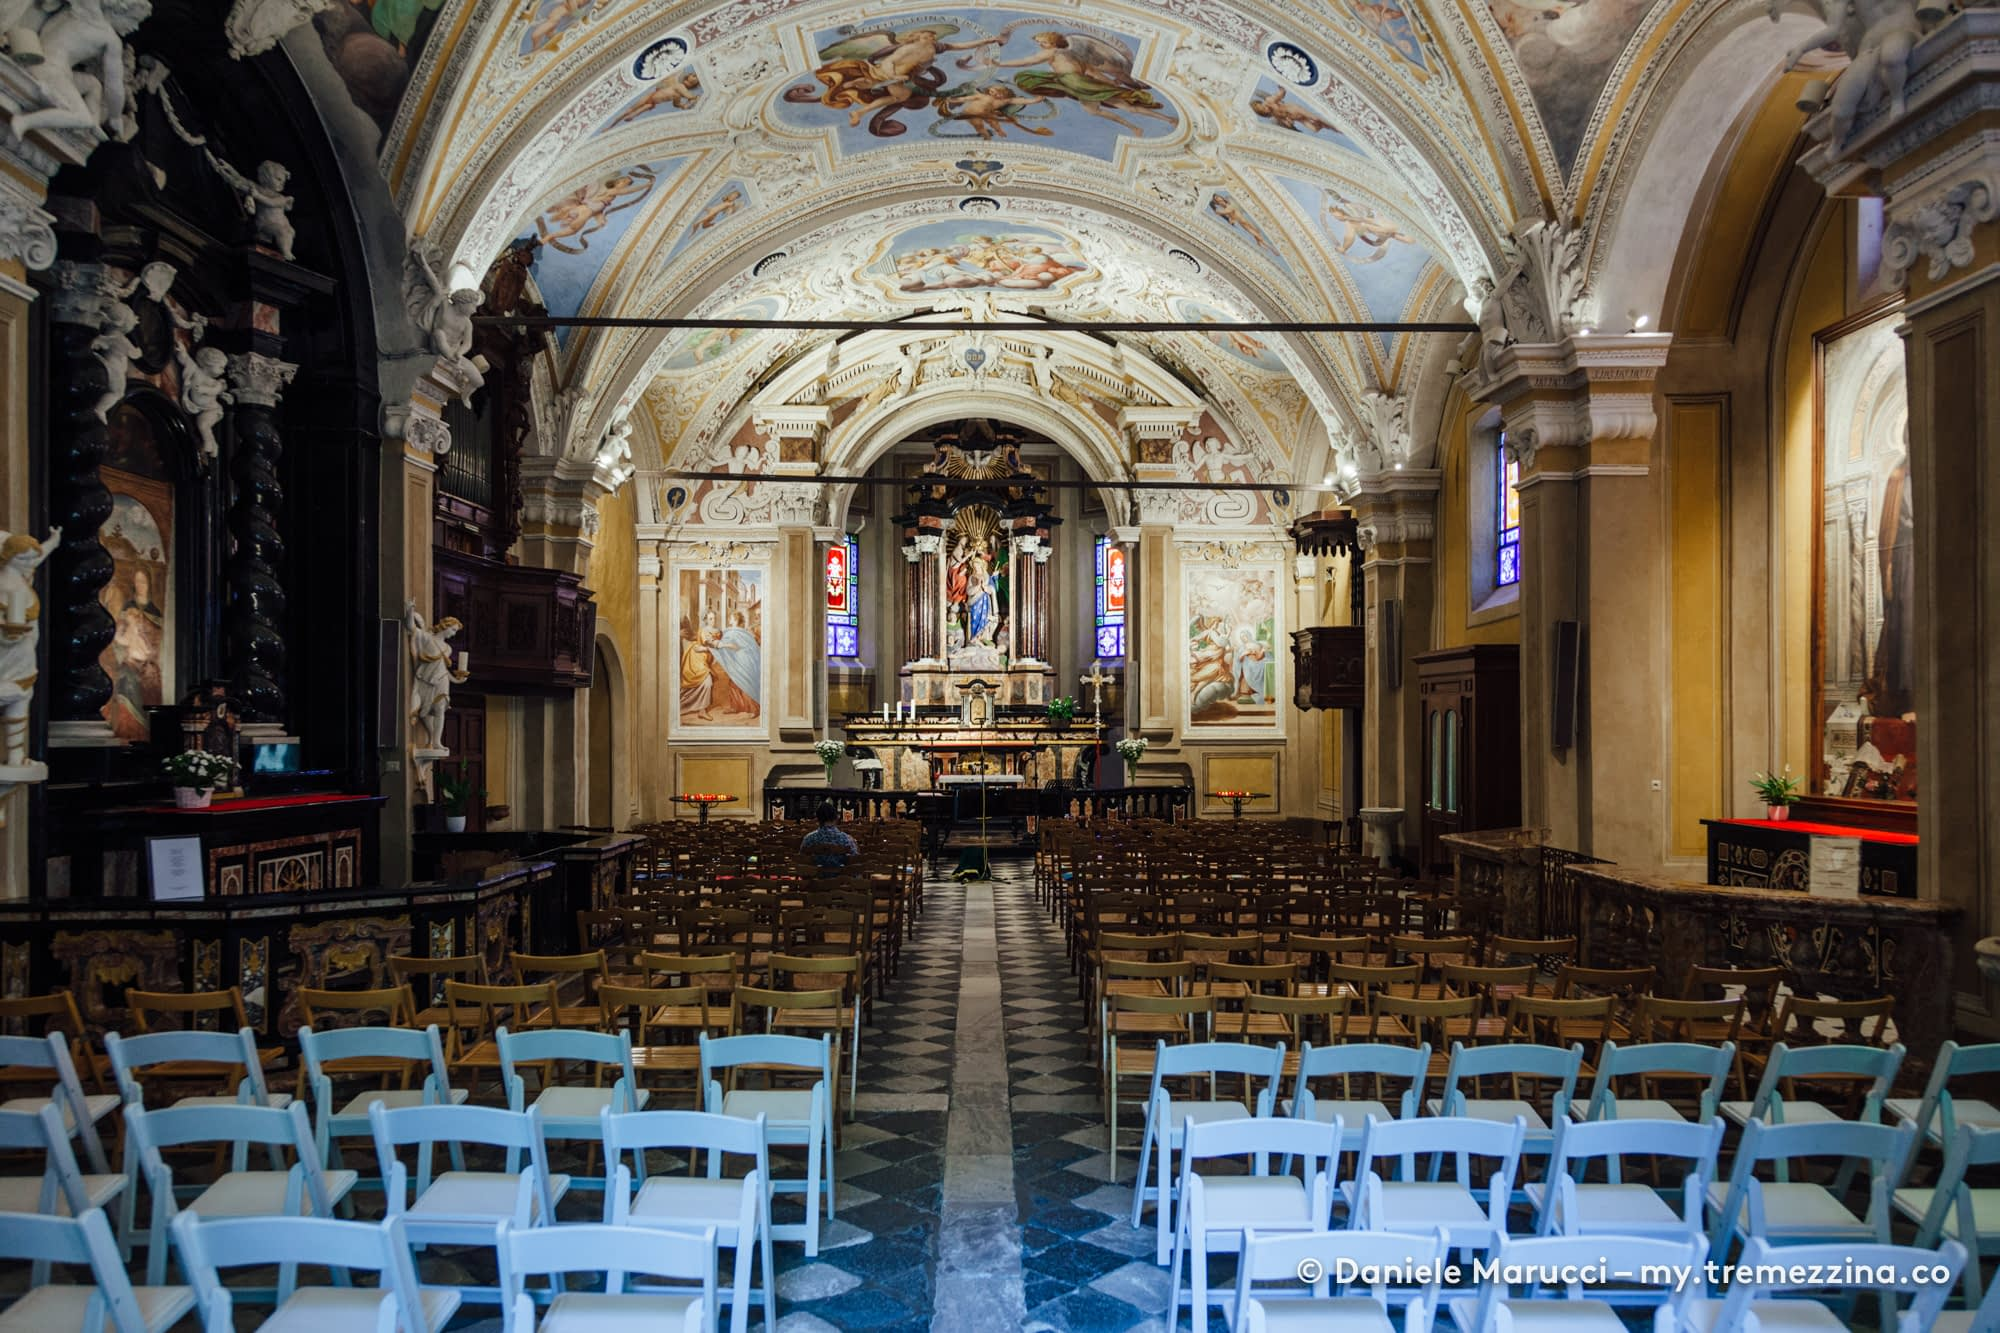 Santuario della Beata Vergine del Soccorso - Sacro Monte di Ossuccio